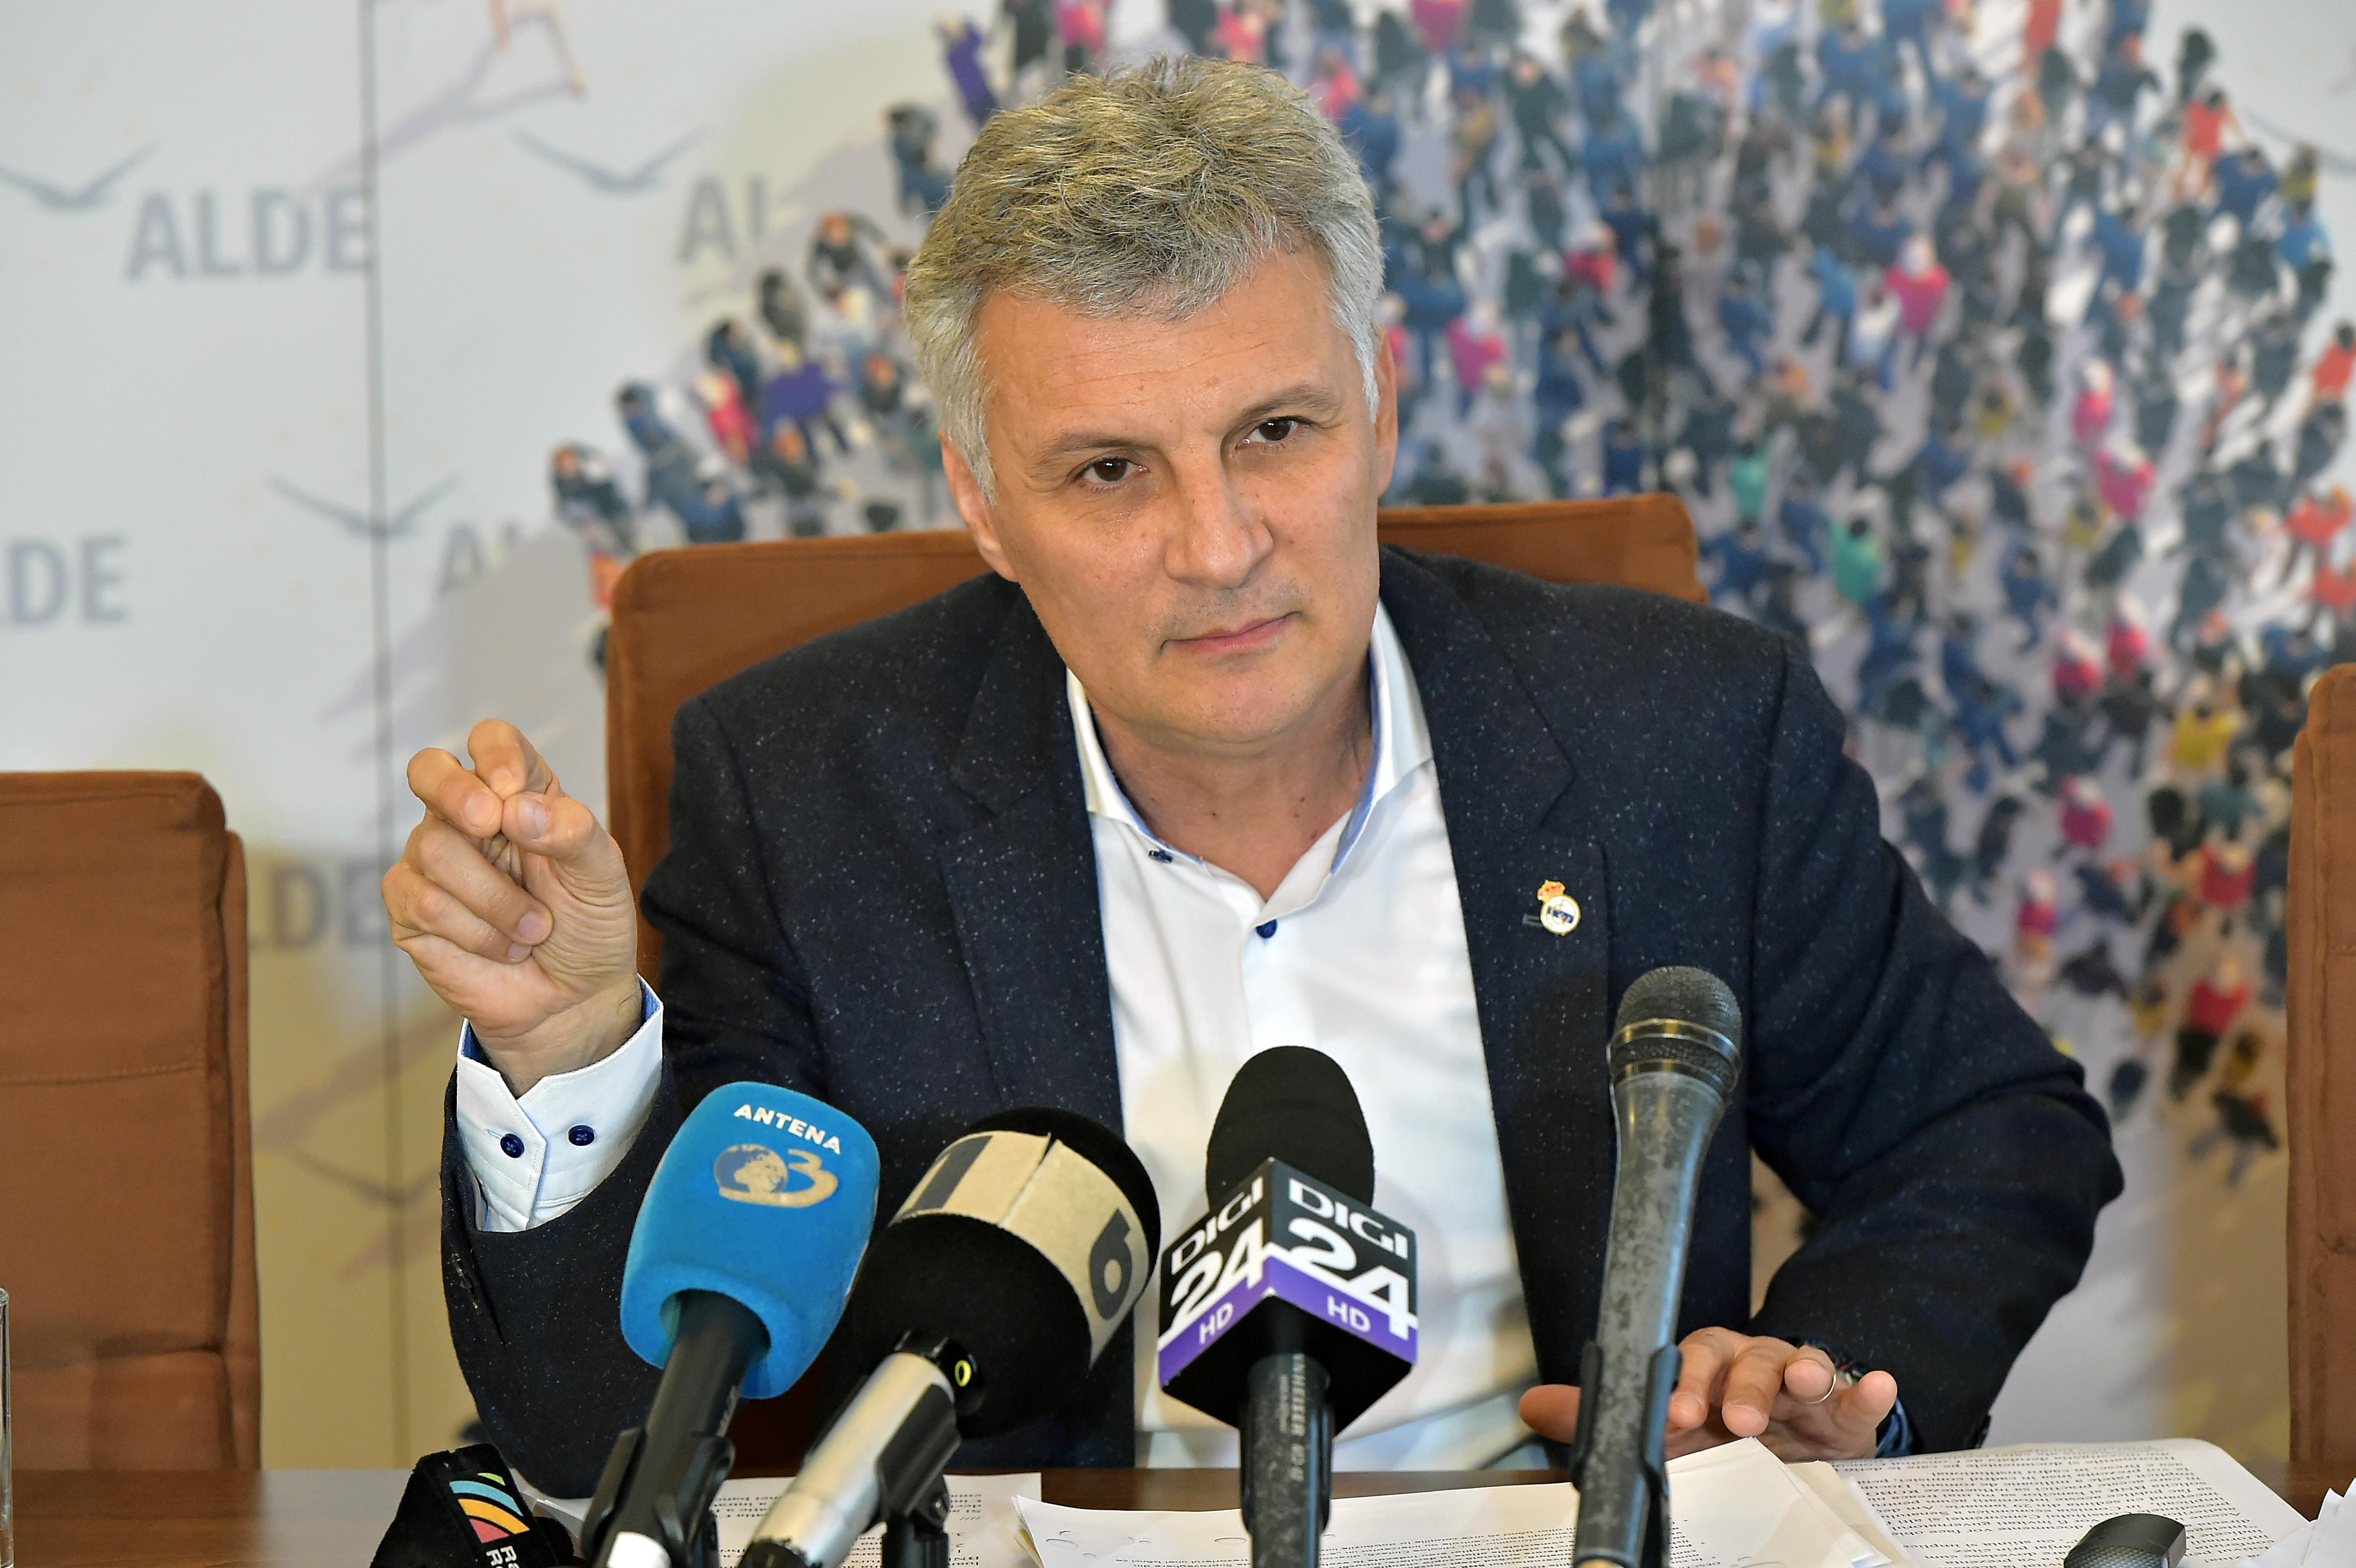 Senatorul Daniel Zamfir susține că ROBOR a fost manipulat și cere demiterea lui Chirițoiu